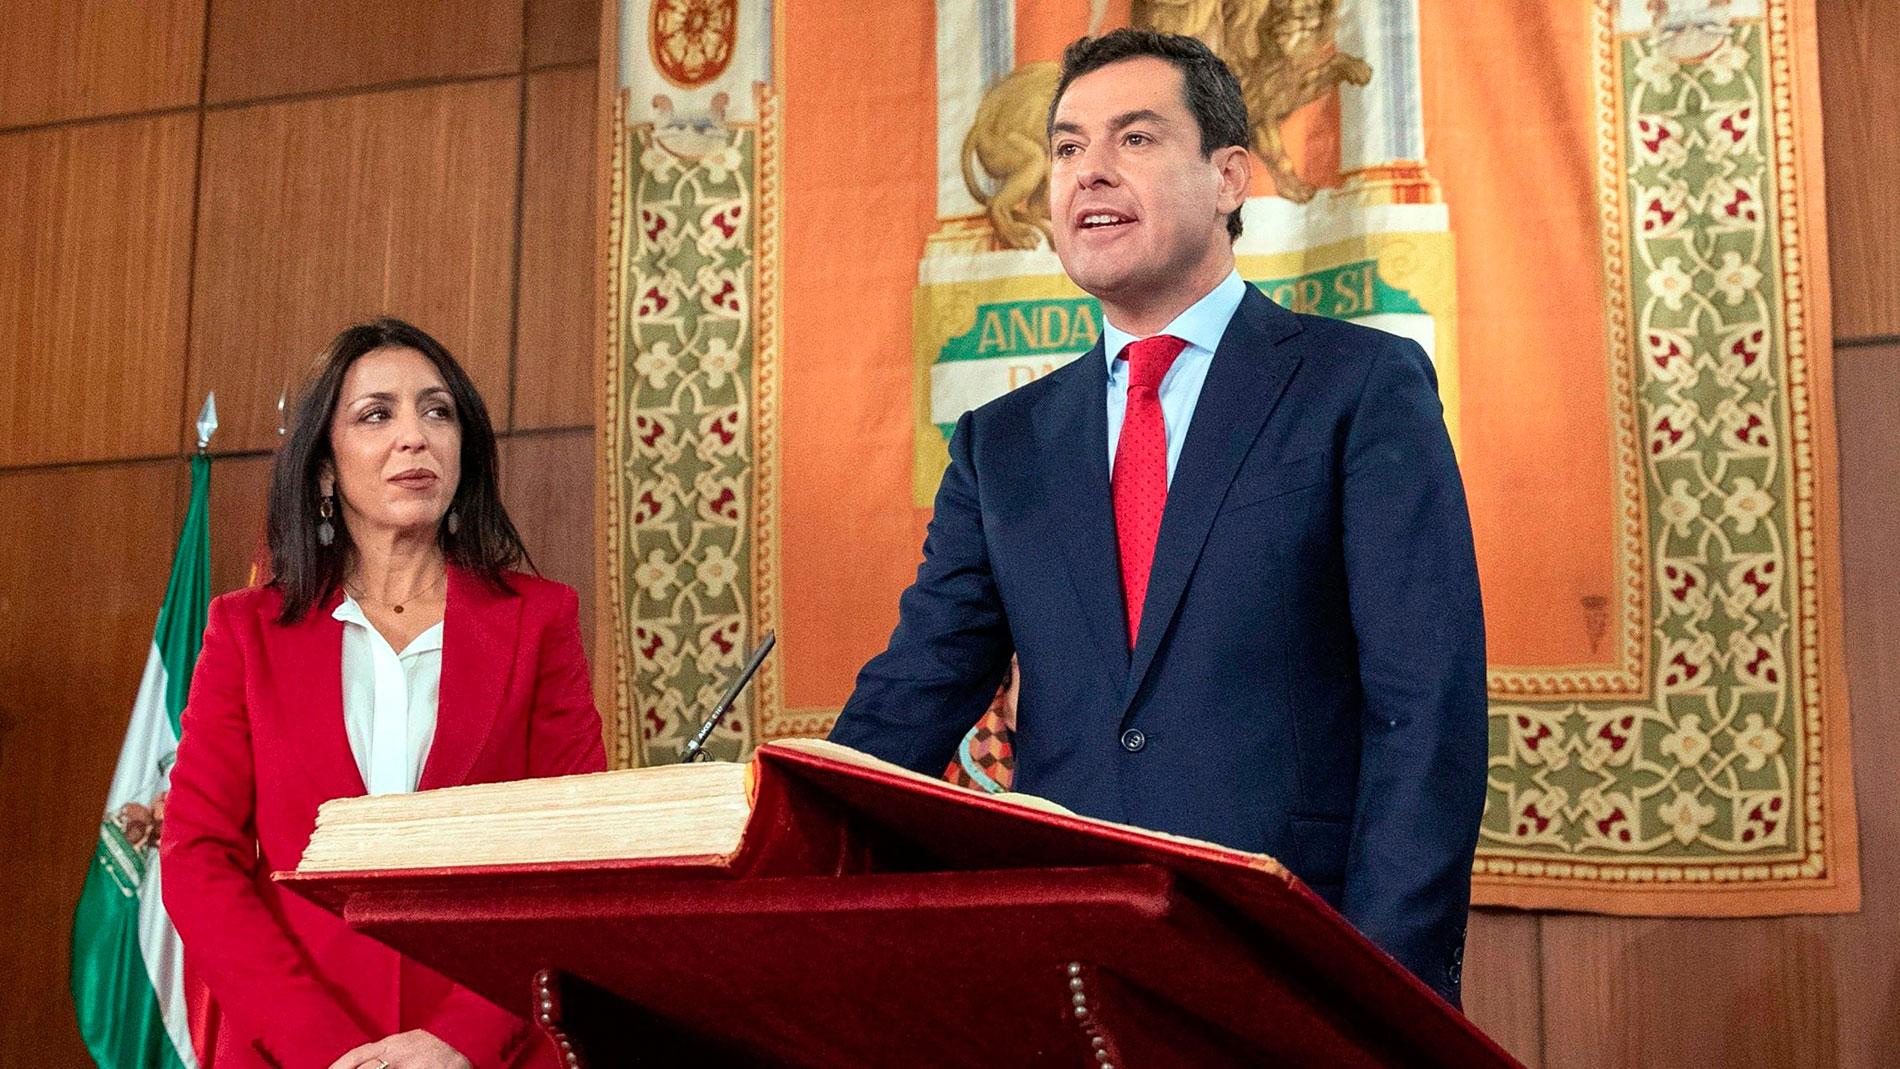 Juanma Moreno toma posesión como presidente de la Junta de Andalucía